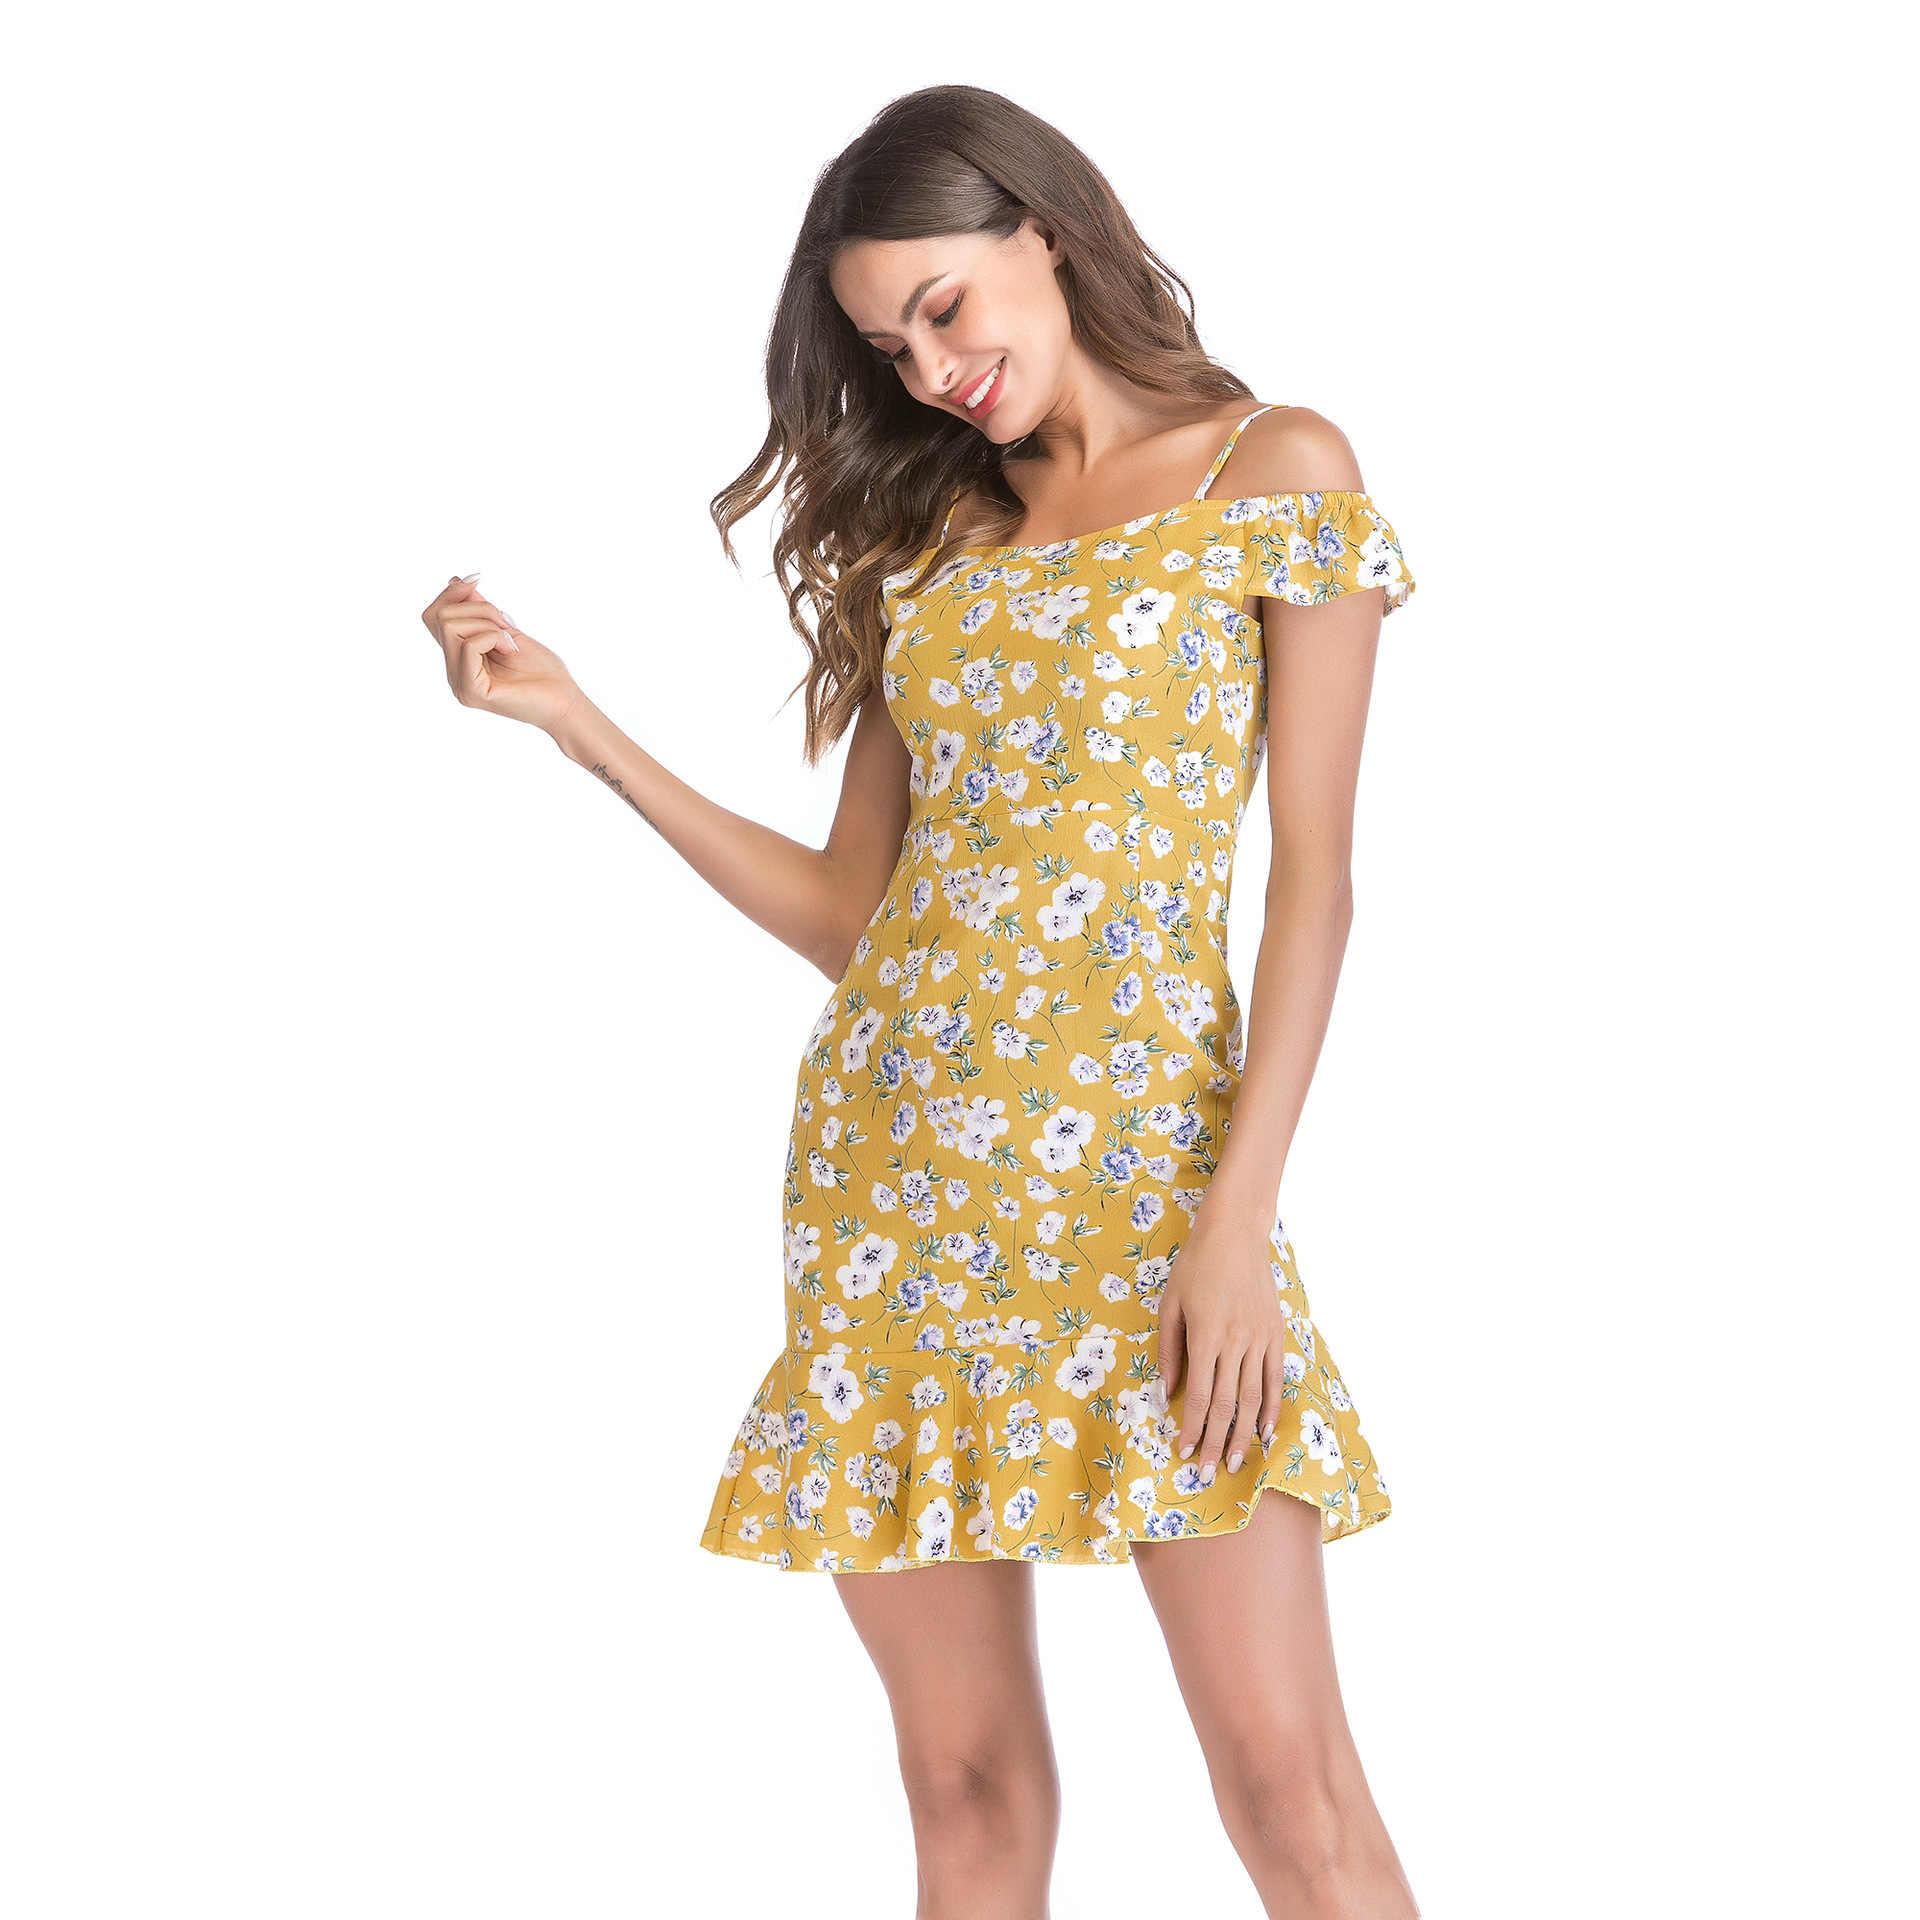 ドレスツイードボディコンドレス女性のための 2019 販売原宿ドレースボヘミアンプリント上記膝ミニナチュラルスラッシュネック夏ピンク新しい